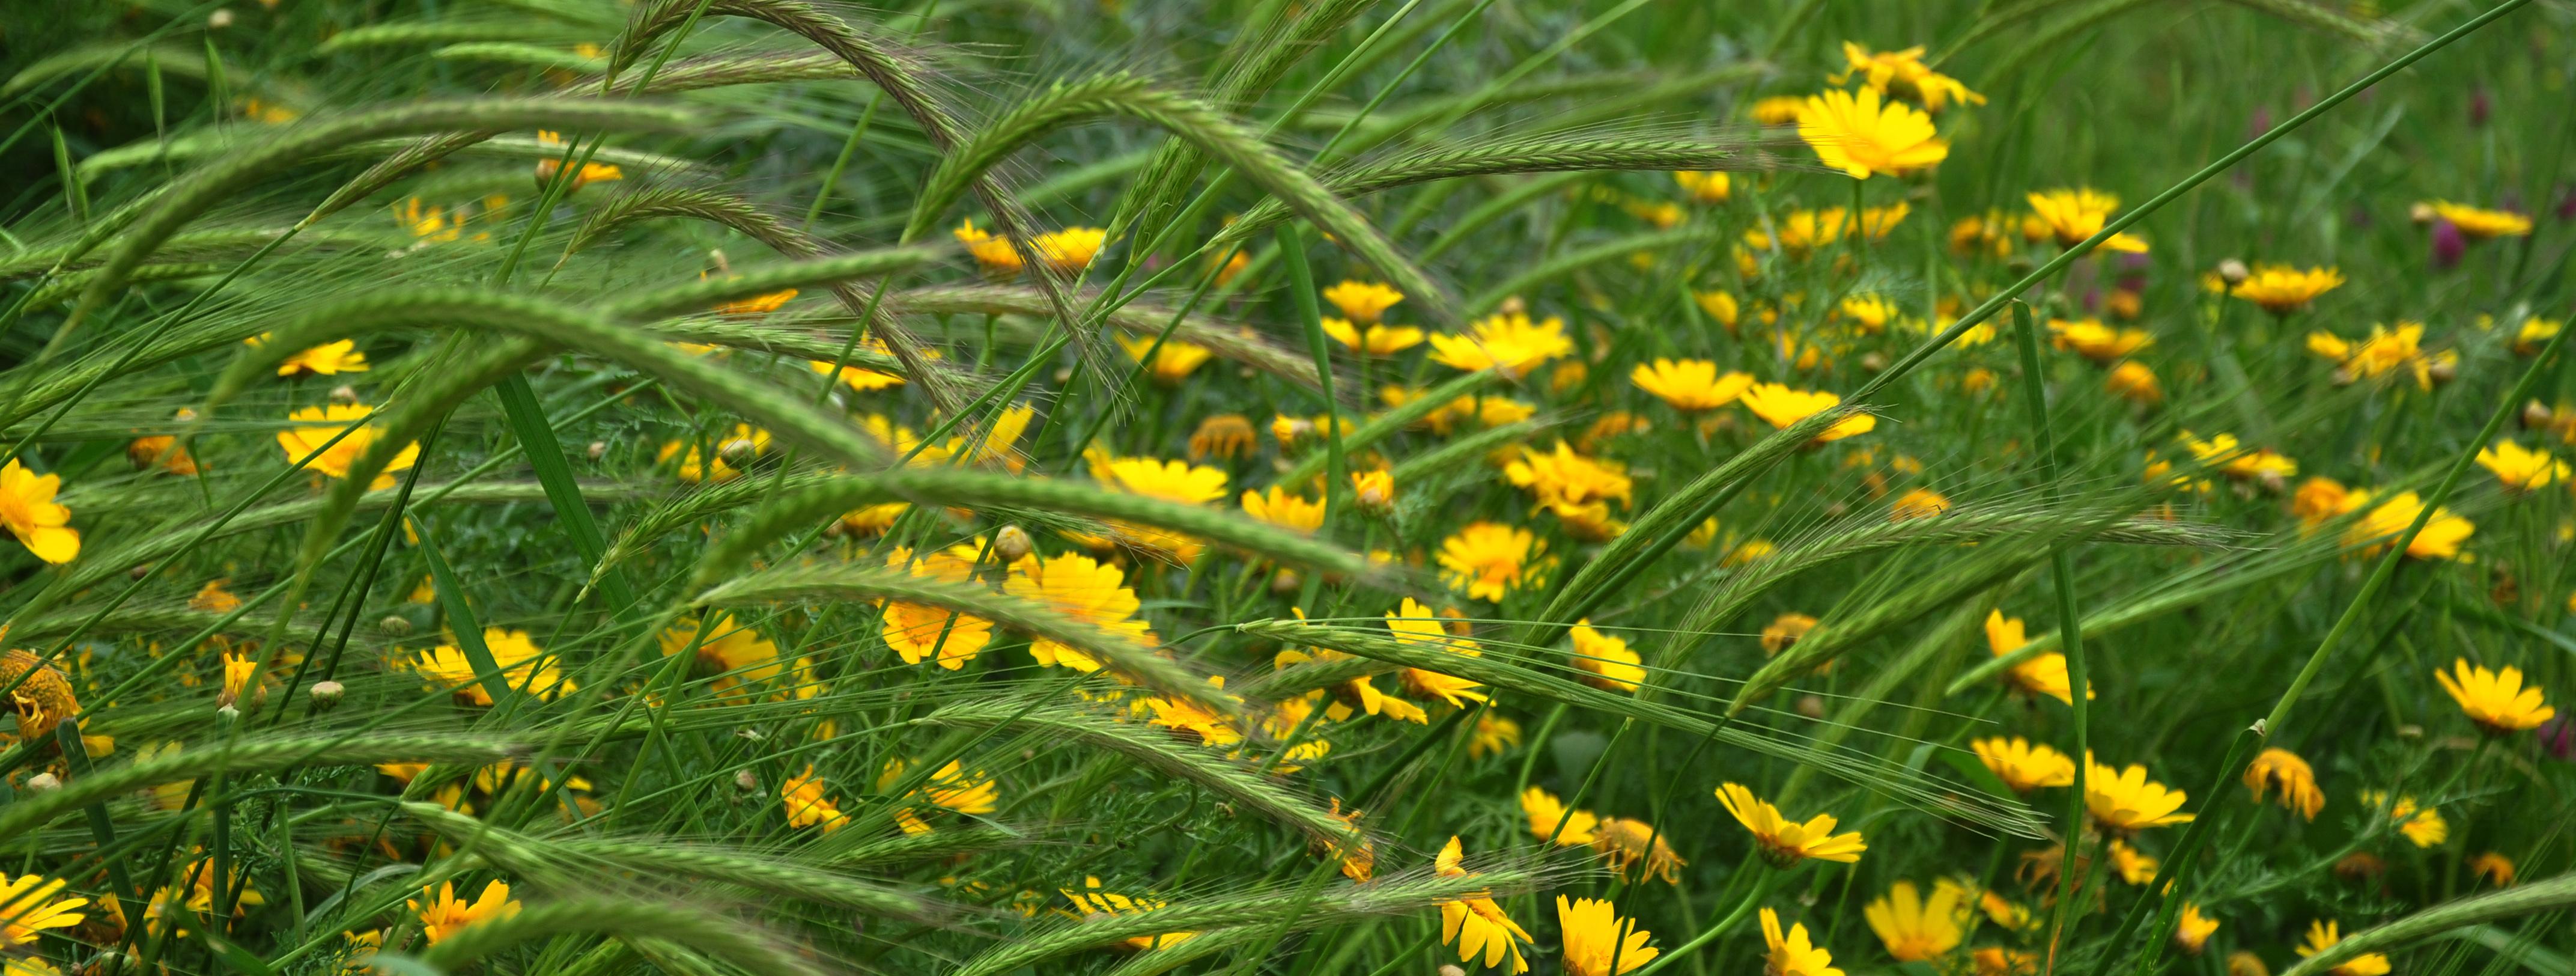 צהוב - ארץ עוץ - יואל שתרוג - אדמה יוצרת - yoel sitruk